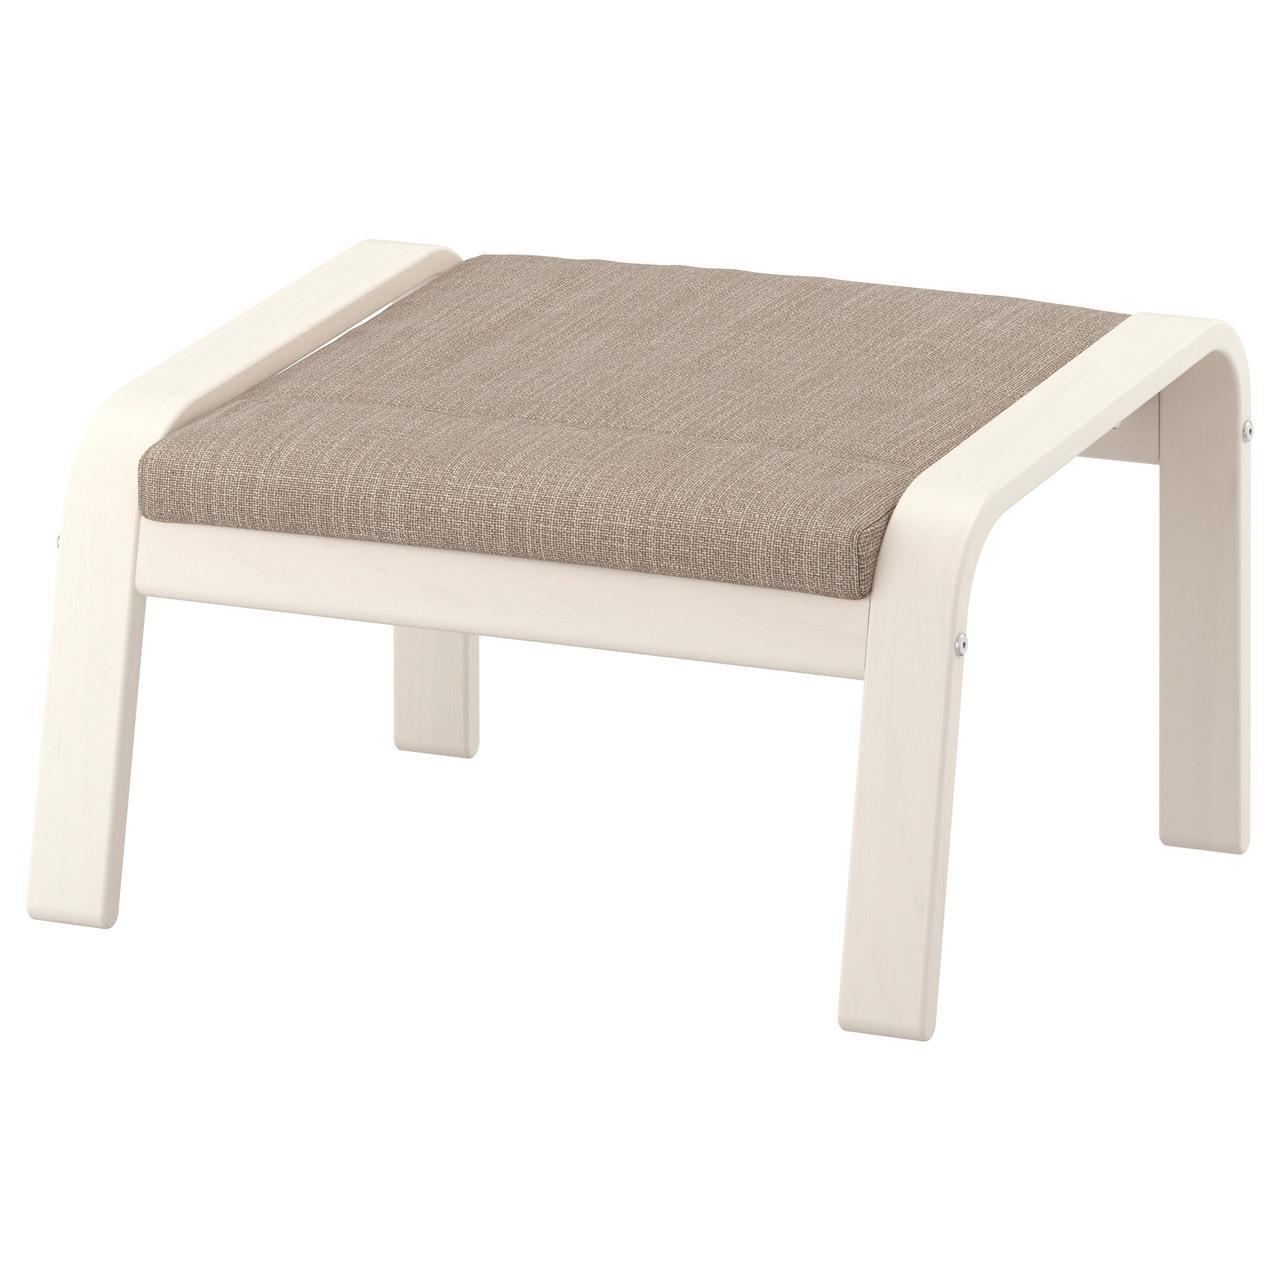 IKEA POANG Подставка для ног, белый, Hillared бежевый  (791.978.57)